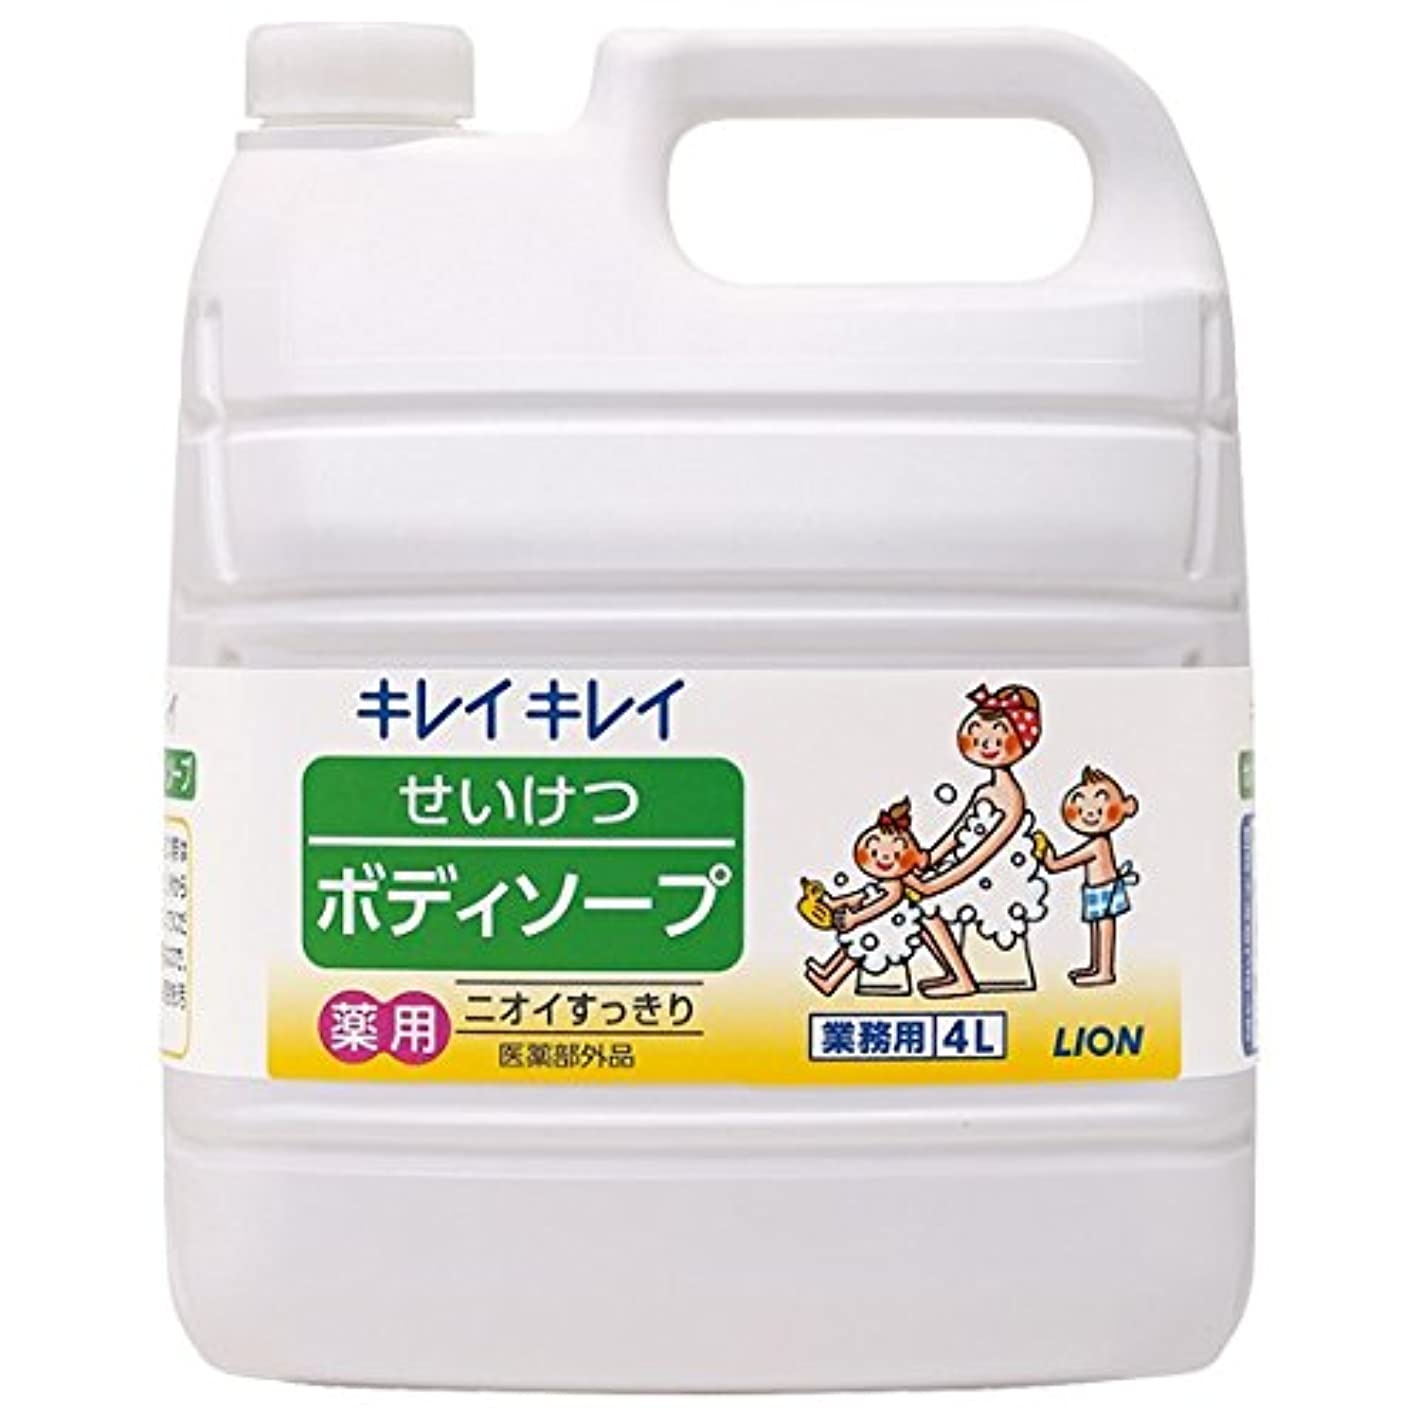 熟練した抹消付属品ライオン キレイキレイ せいけつボディソープ さわやかなレモン&オレンジの香り 業務用 4L×3本